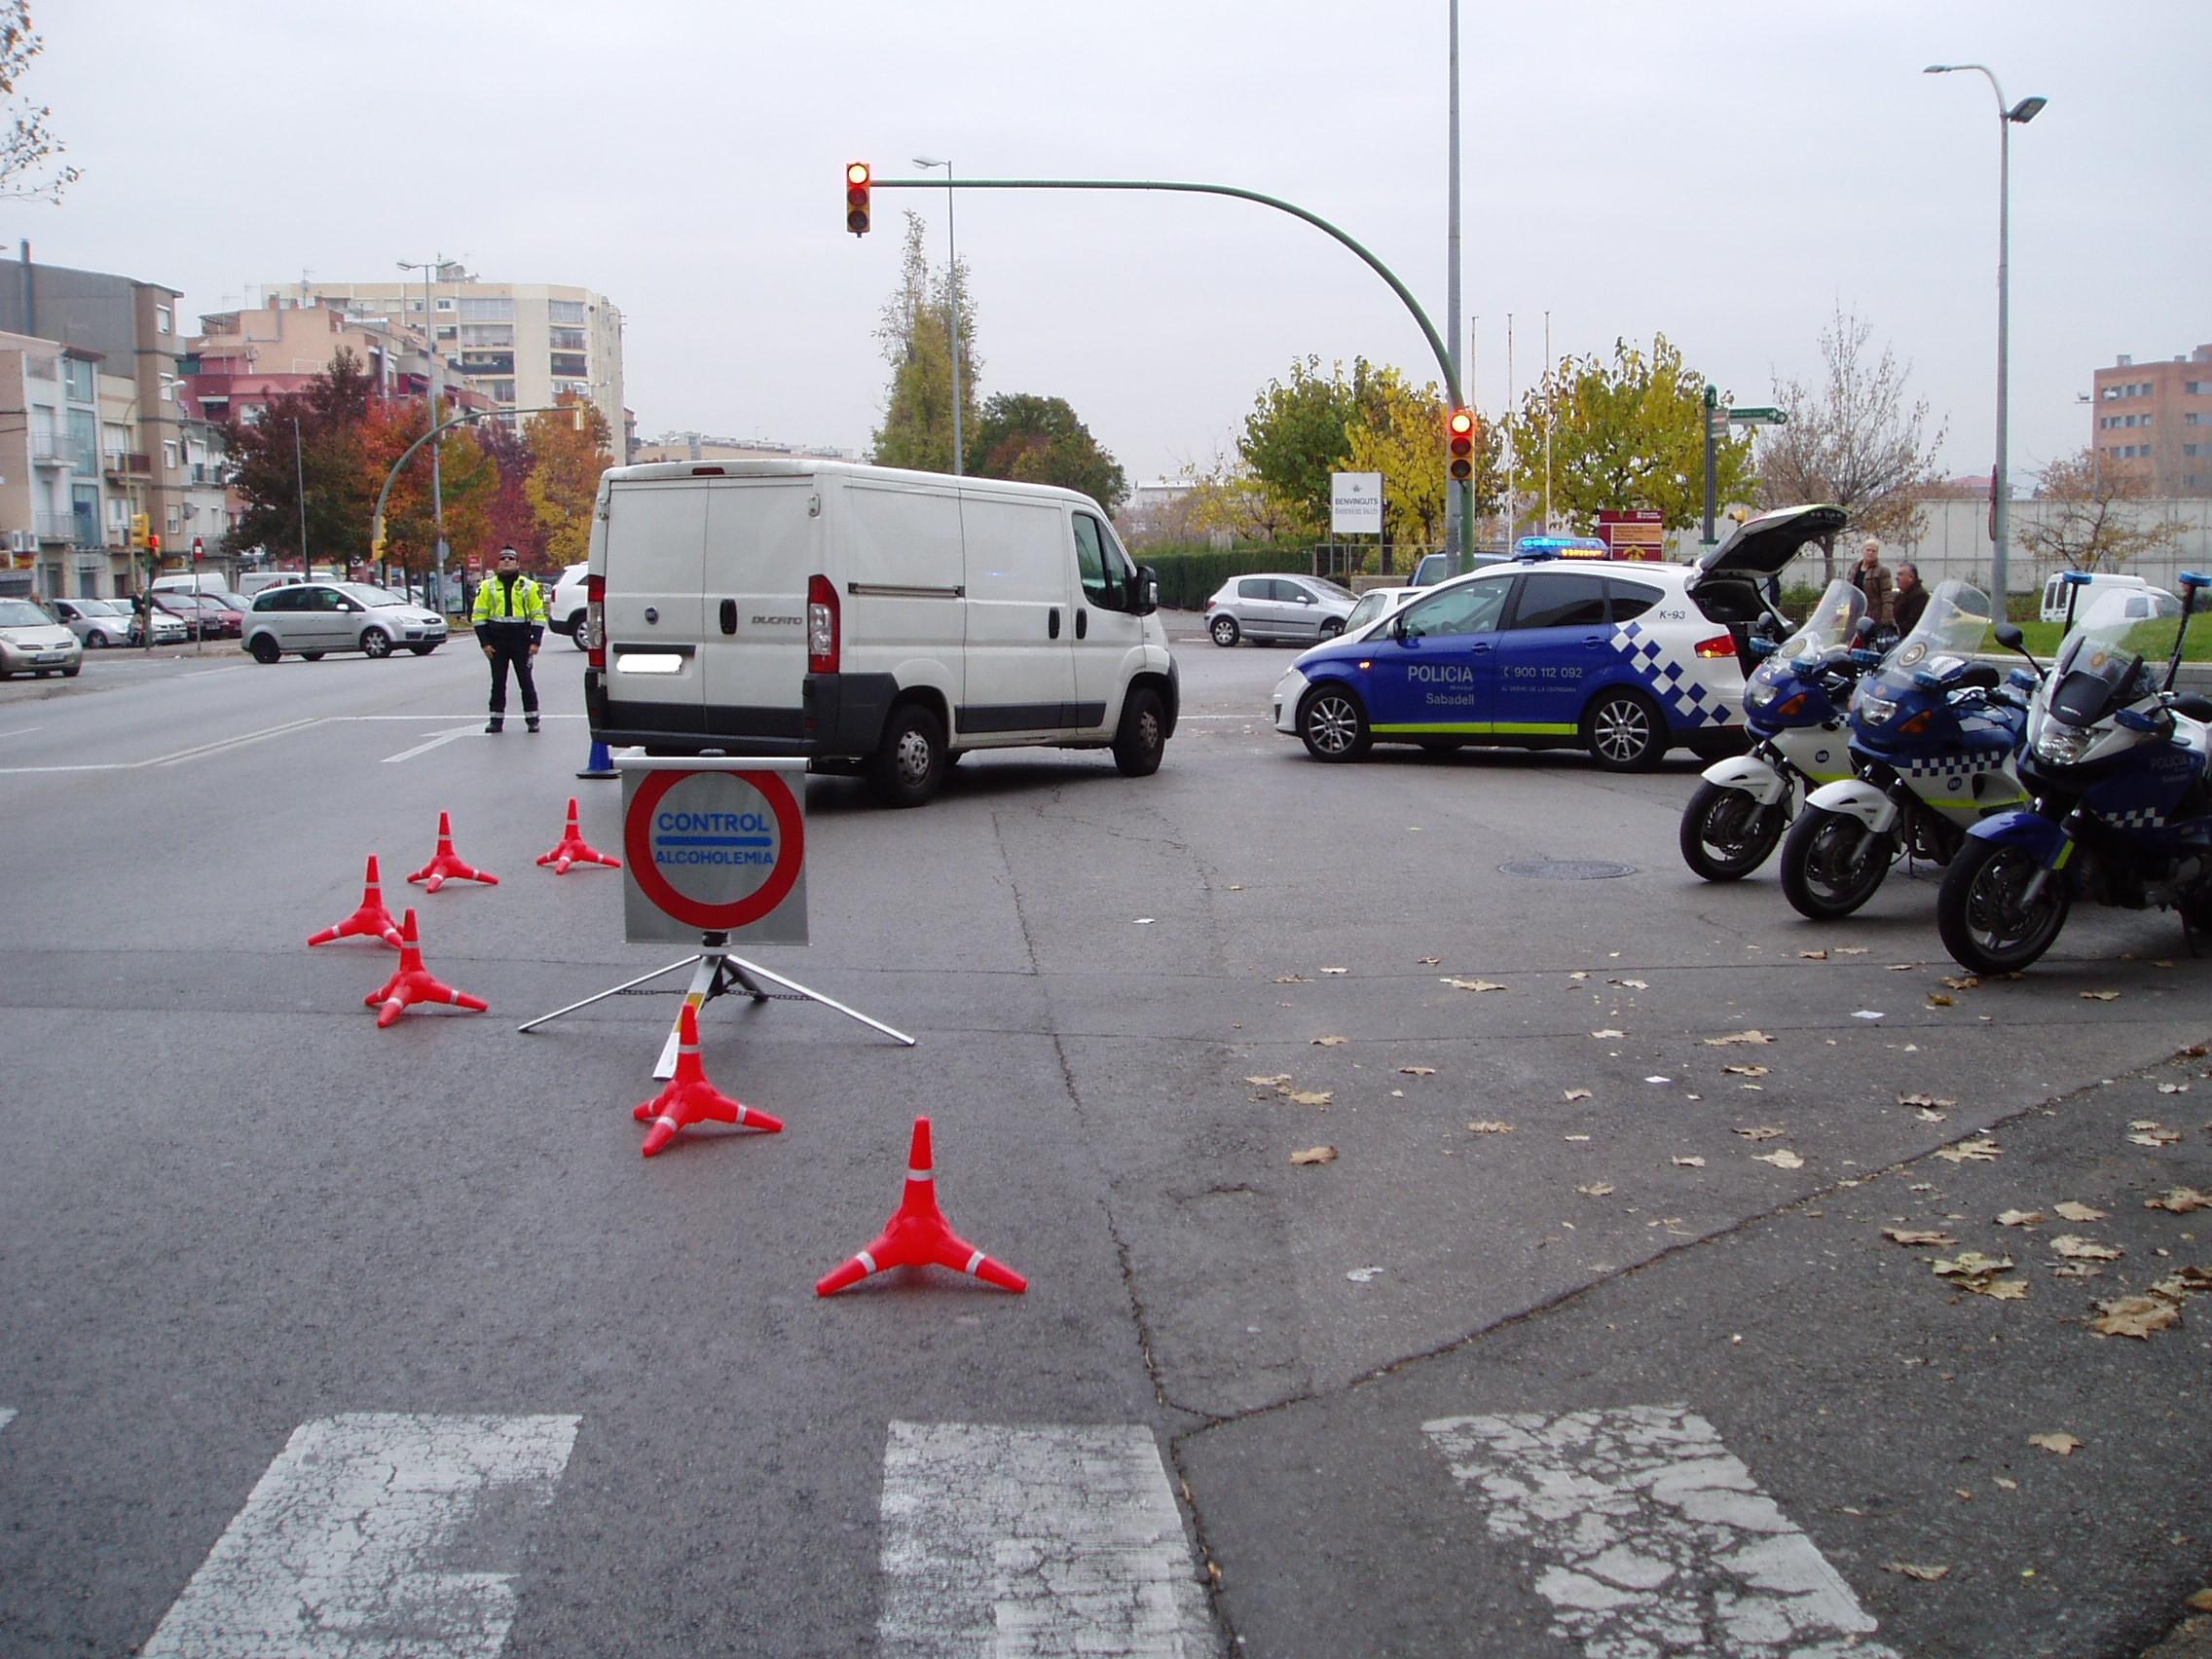 Un control de alcoholemia en Sabadell (Foto: Premsa Sabadell / Wikimedia Commons)